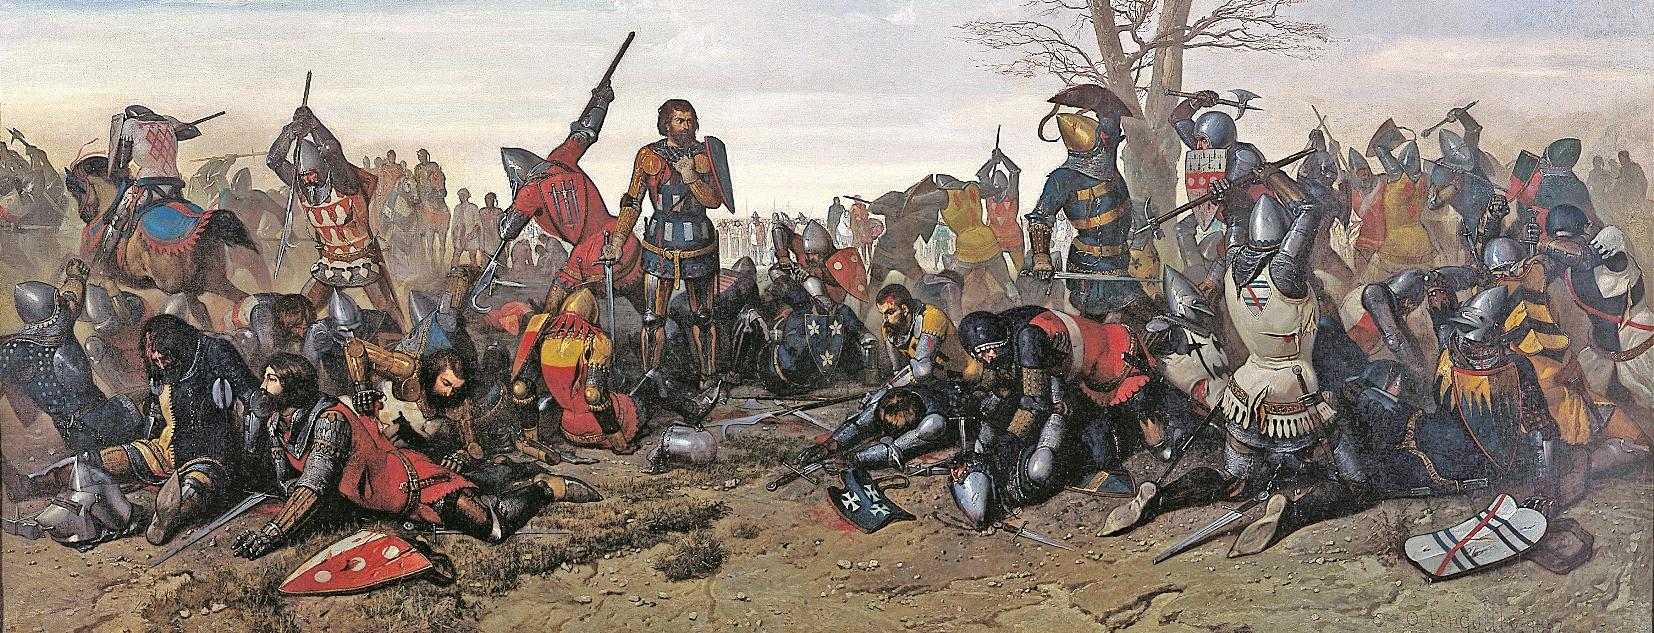 Le combat des trente becedia for Dans jeannot et colin l auteur combat